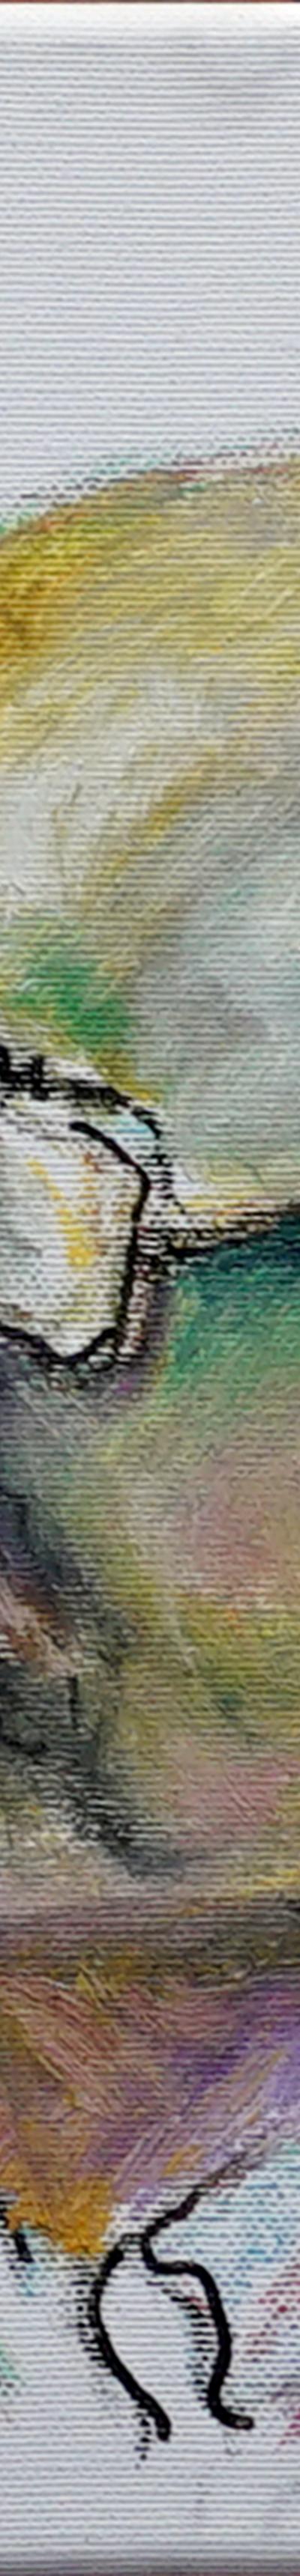 portrait 24x30 cm, oil on canvas